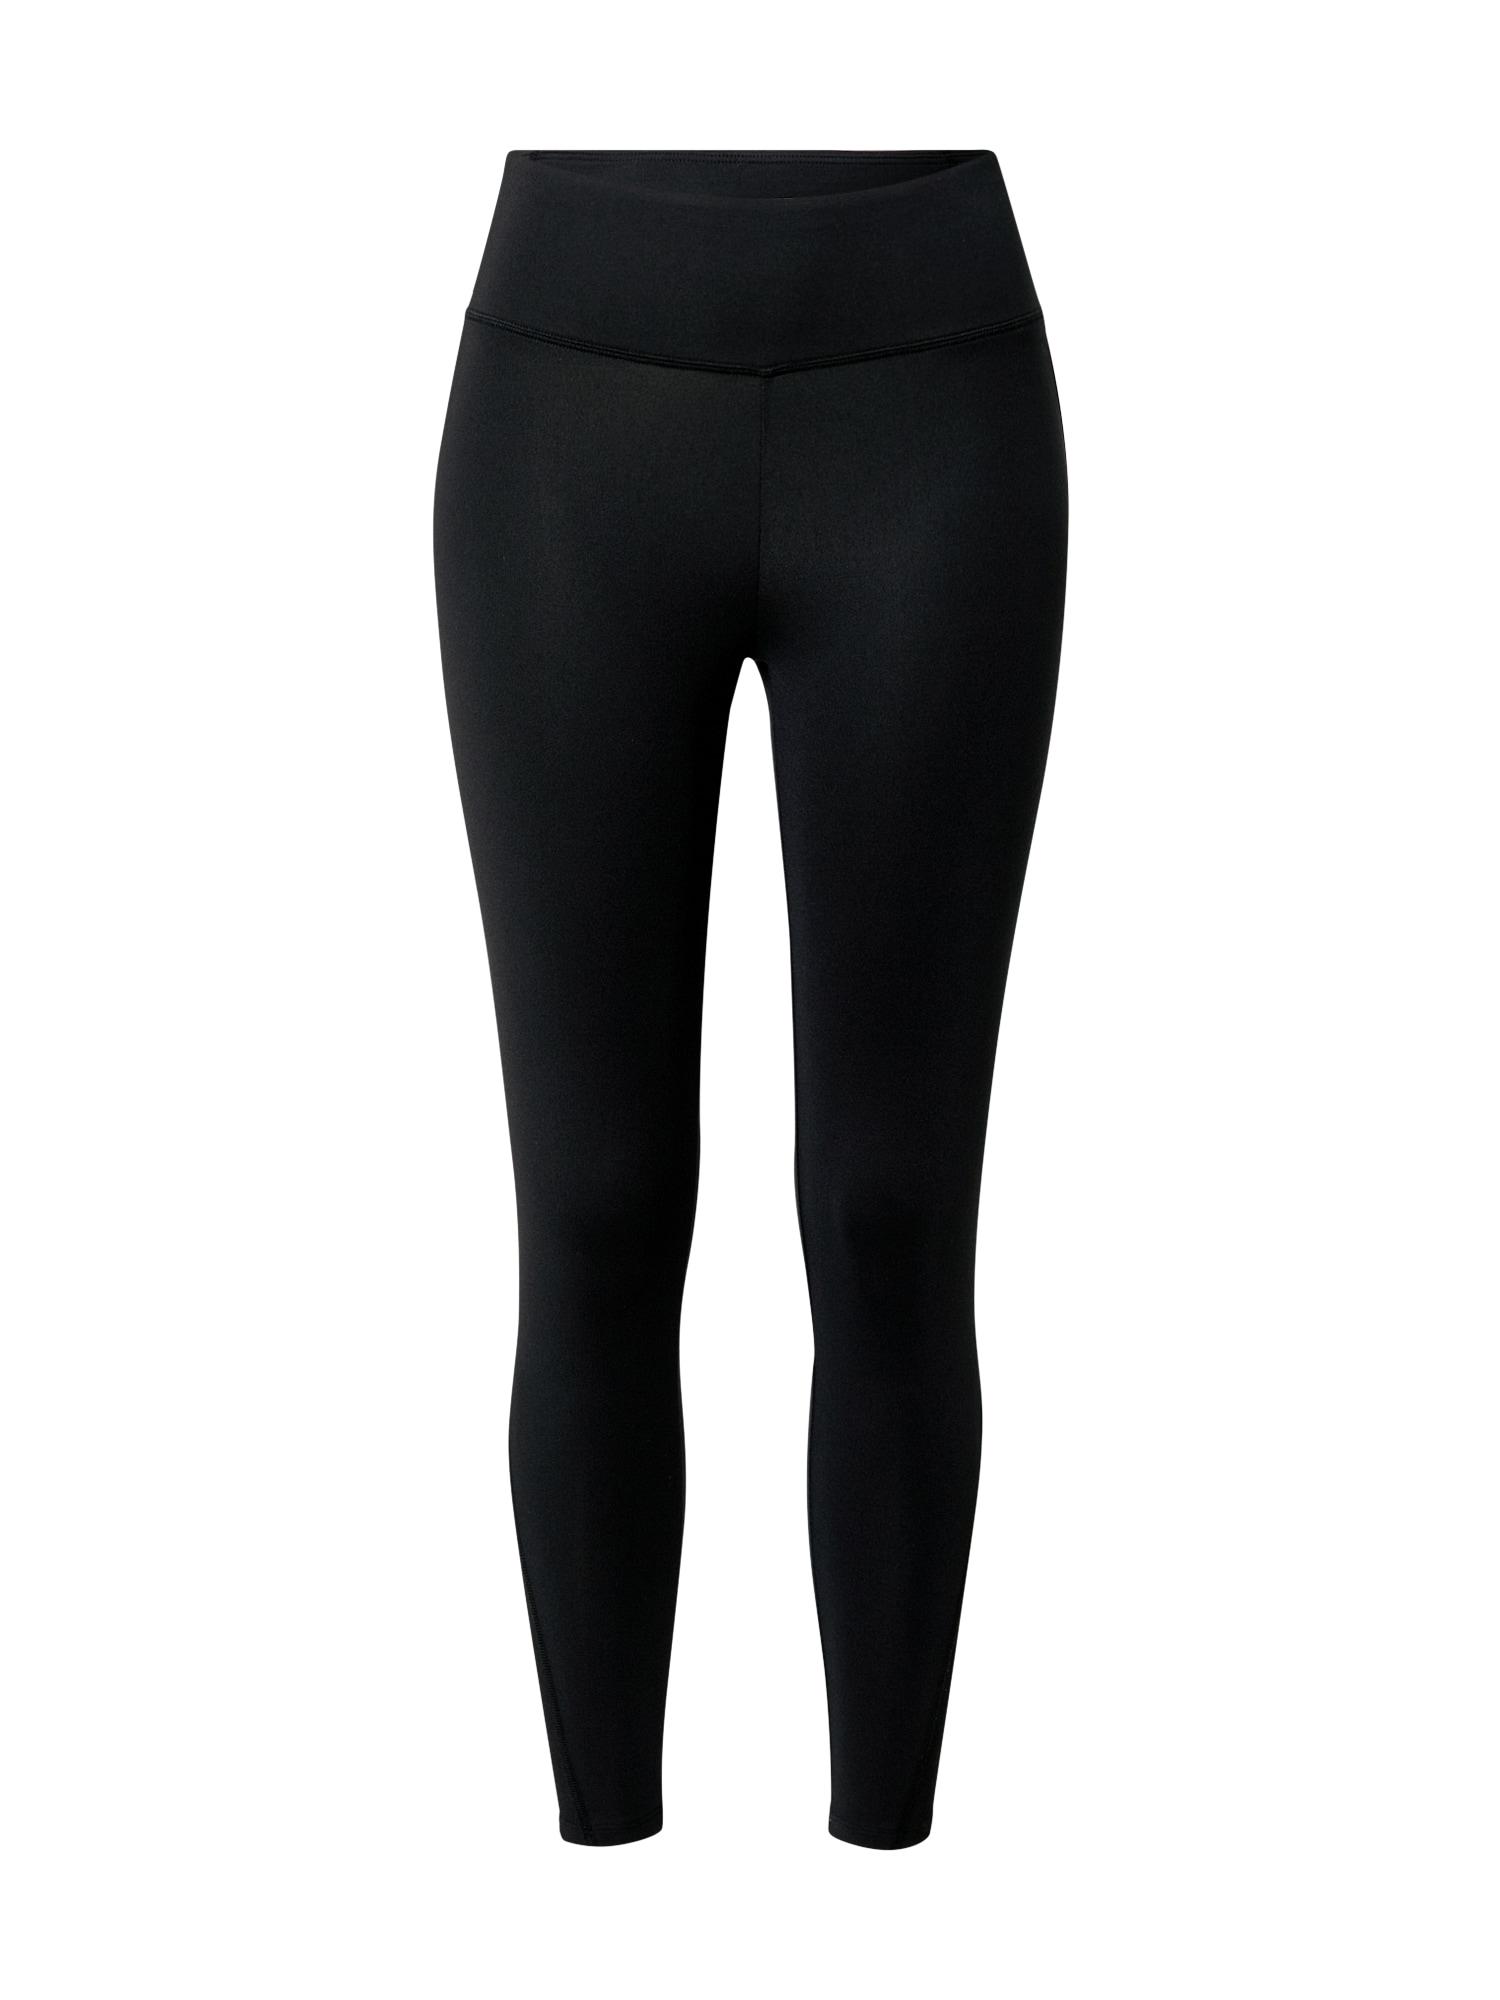 ESPRIT SPORT Sportinės kelnės